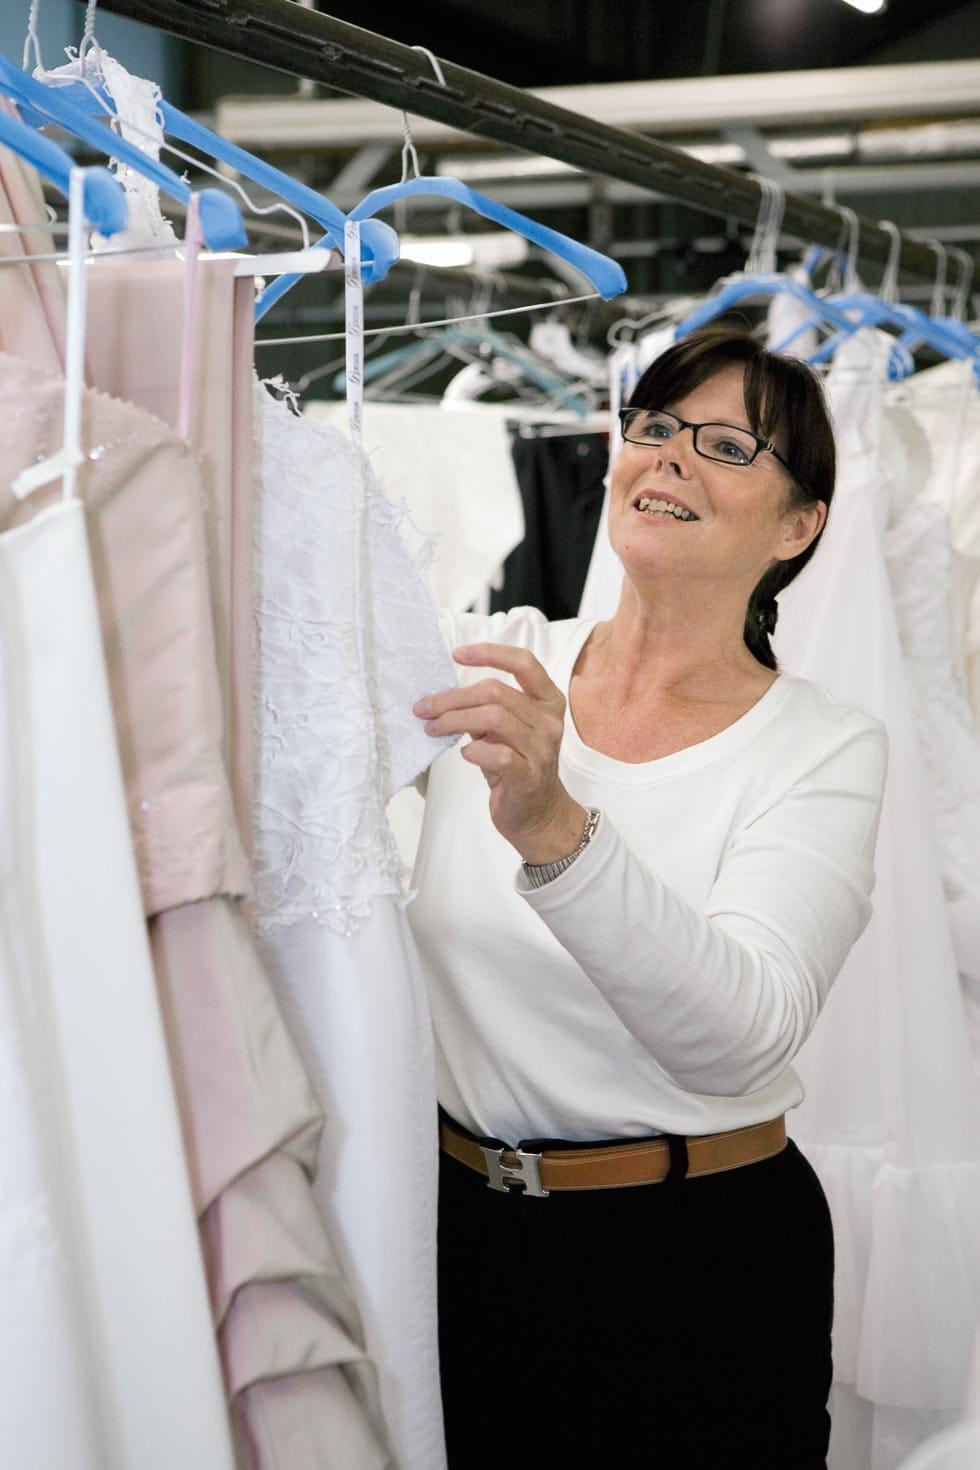 Brautkleid Reinigung